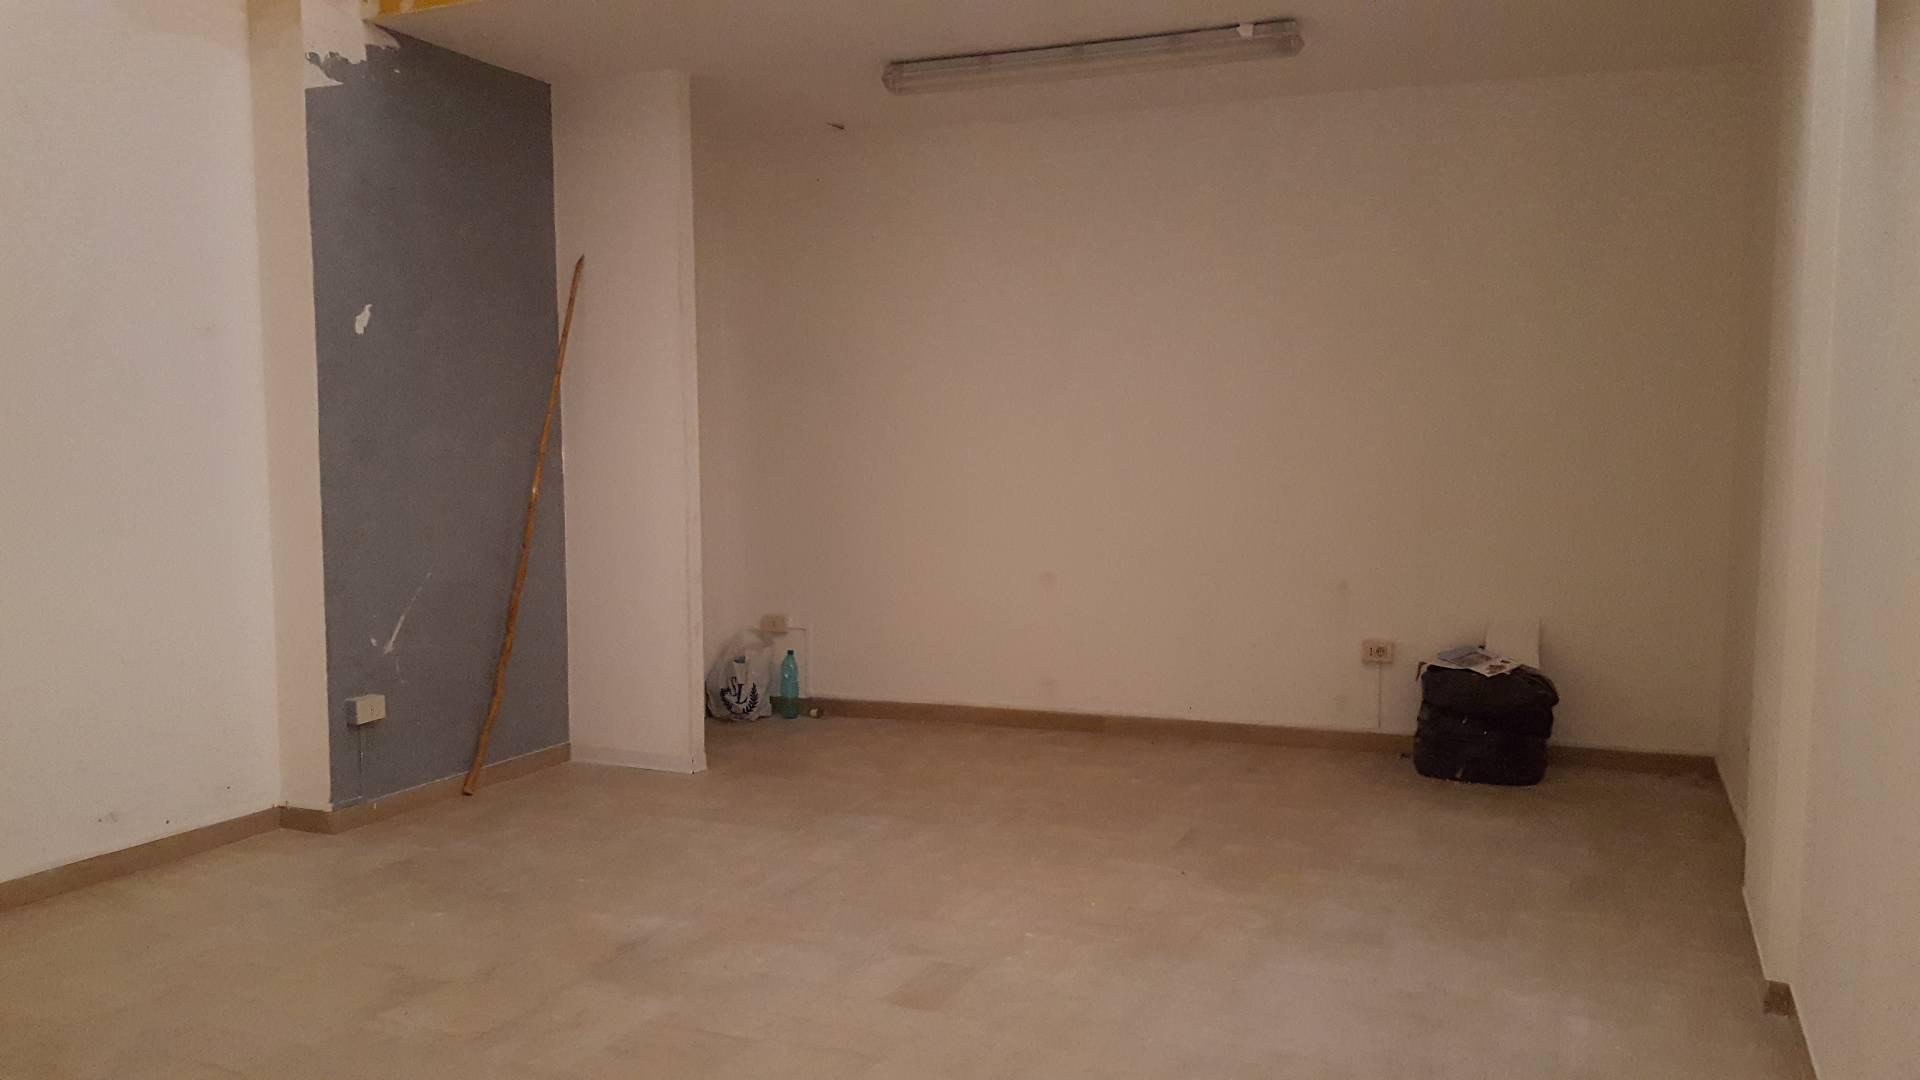 Negozio / Locale in affitto a Teramo, 9999 locali, zona Zona: Centro , prezzo € 350 | Cambio Casa.it